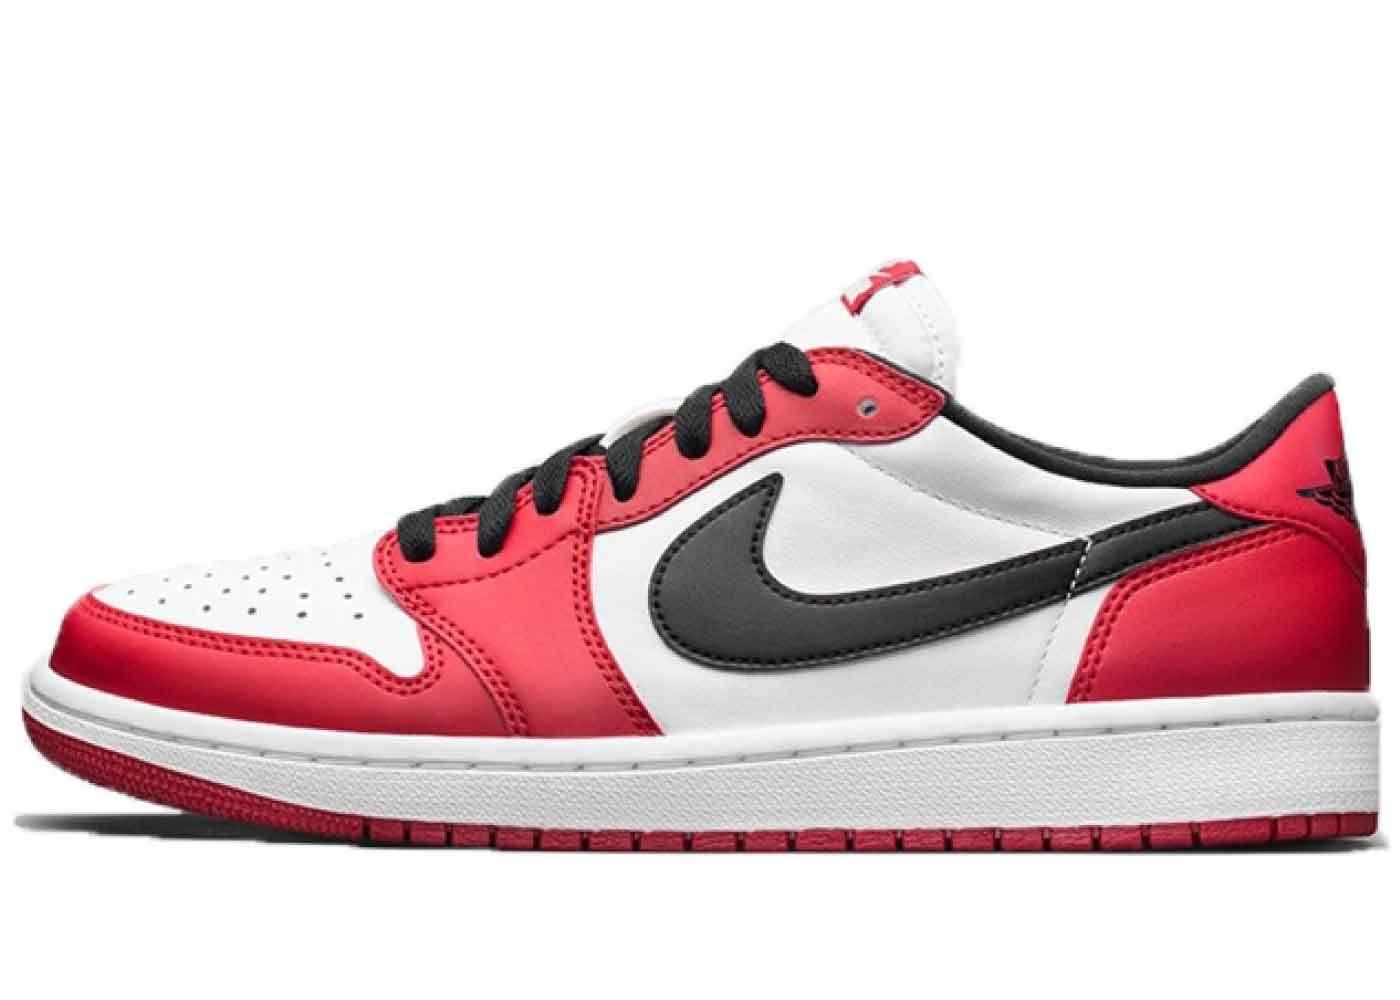 Nike Air Jordan 1 Retro Low Chicago (2016)の写真